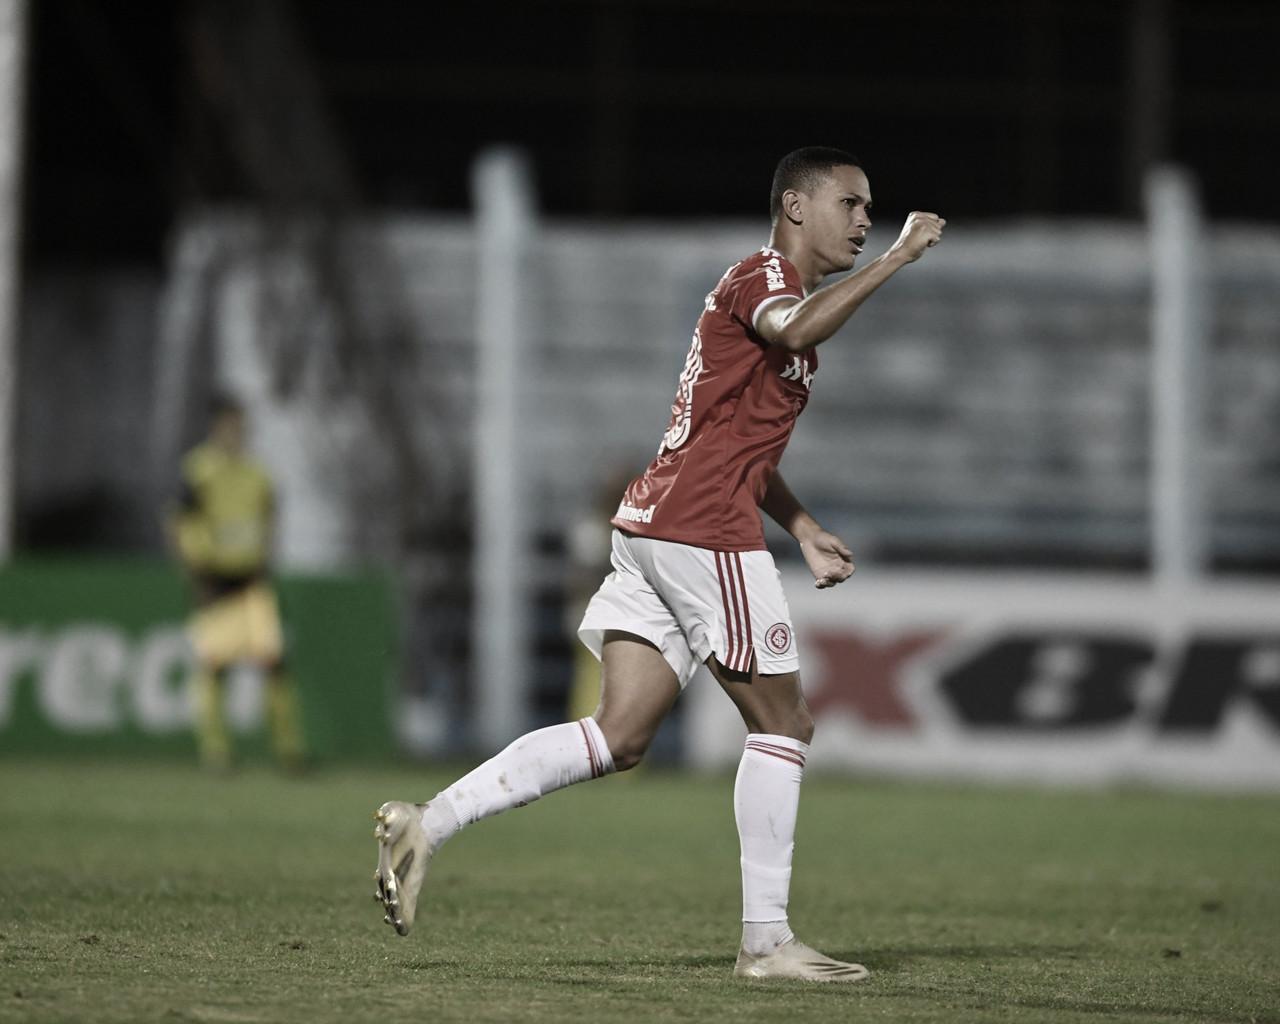 Na estreia de Miguel Ángel Ramírez, Internacional vence Novo Hamburgo e assume liderança do Gauchão